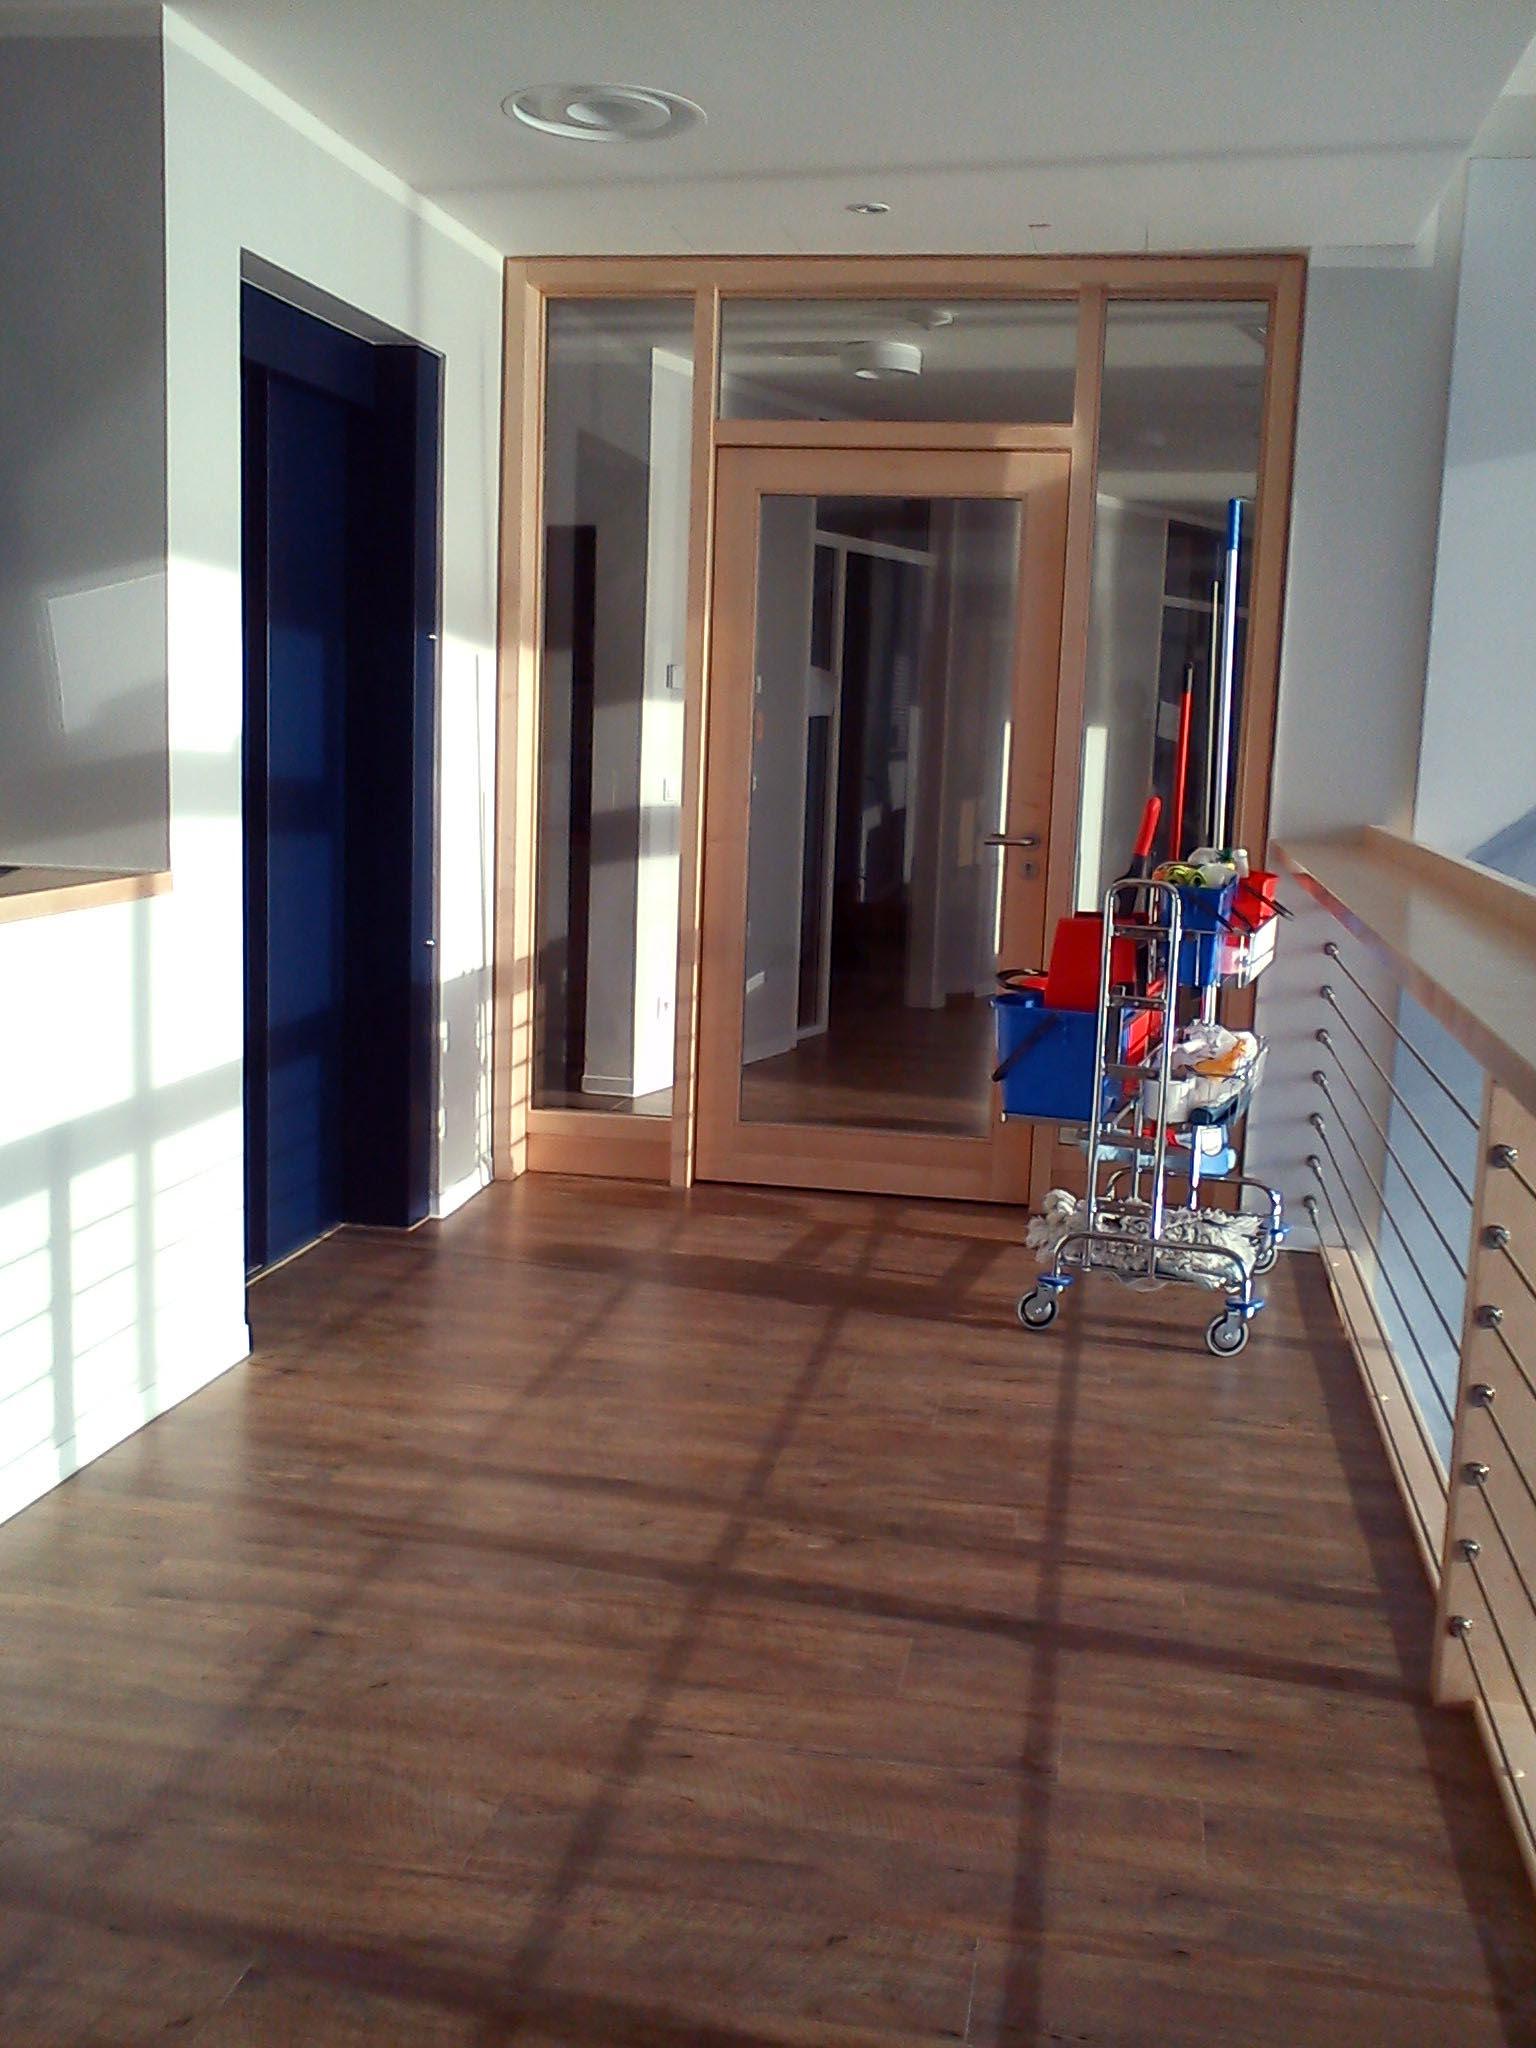 Limpieza de oficinas en zaragoza cangurin for Oficina ing zaragoza